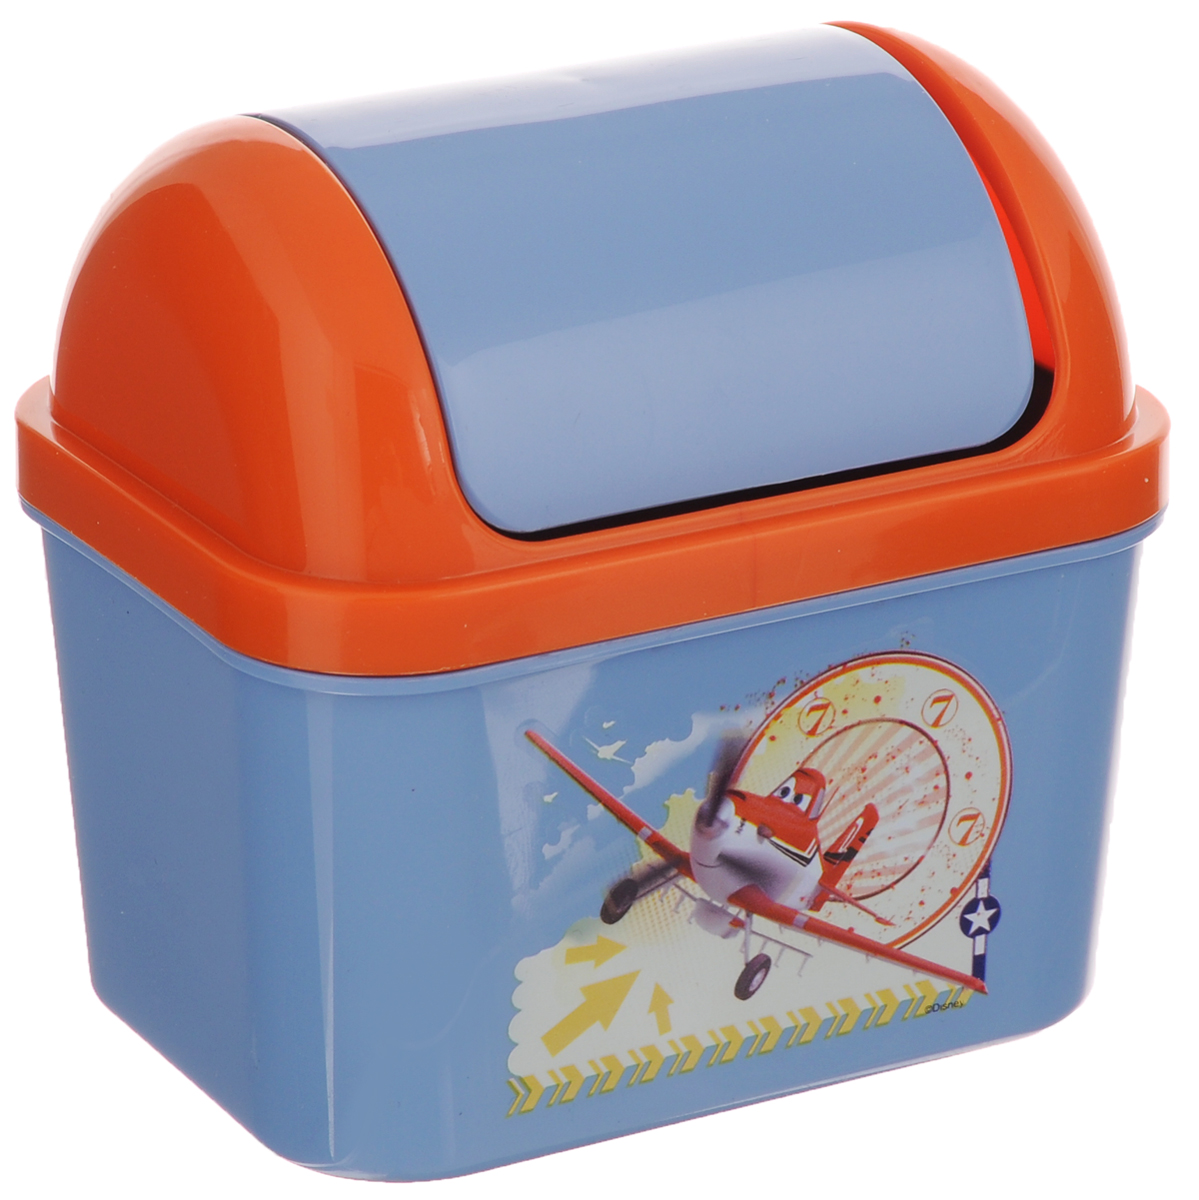 Контейнер для мусора Полимербыт Тачки-самолеты, 500 млС49077_оранжевый, голубойДетский контейнер для мусора Полимербыт Тачки-самолеты выполнен из высококачественного пластика и украшен изображением героя мультфильма. Изделие оснащено плавающей крышкой. Такой контейнер подойдет для выбрасывания небольших отходов, таких как бумага, стружка карандаша, фантики.Размер контейнера (с учетом крышки): 11,5 х 8 х 15 см.Размер контейнера (без учета крышки): 11,5 х 8 х 11 см.